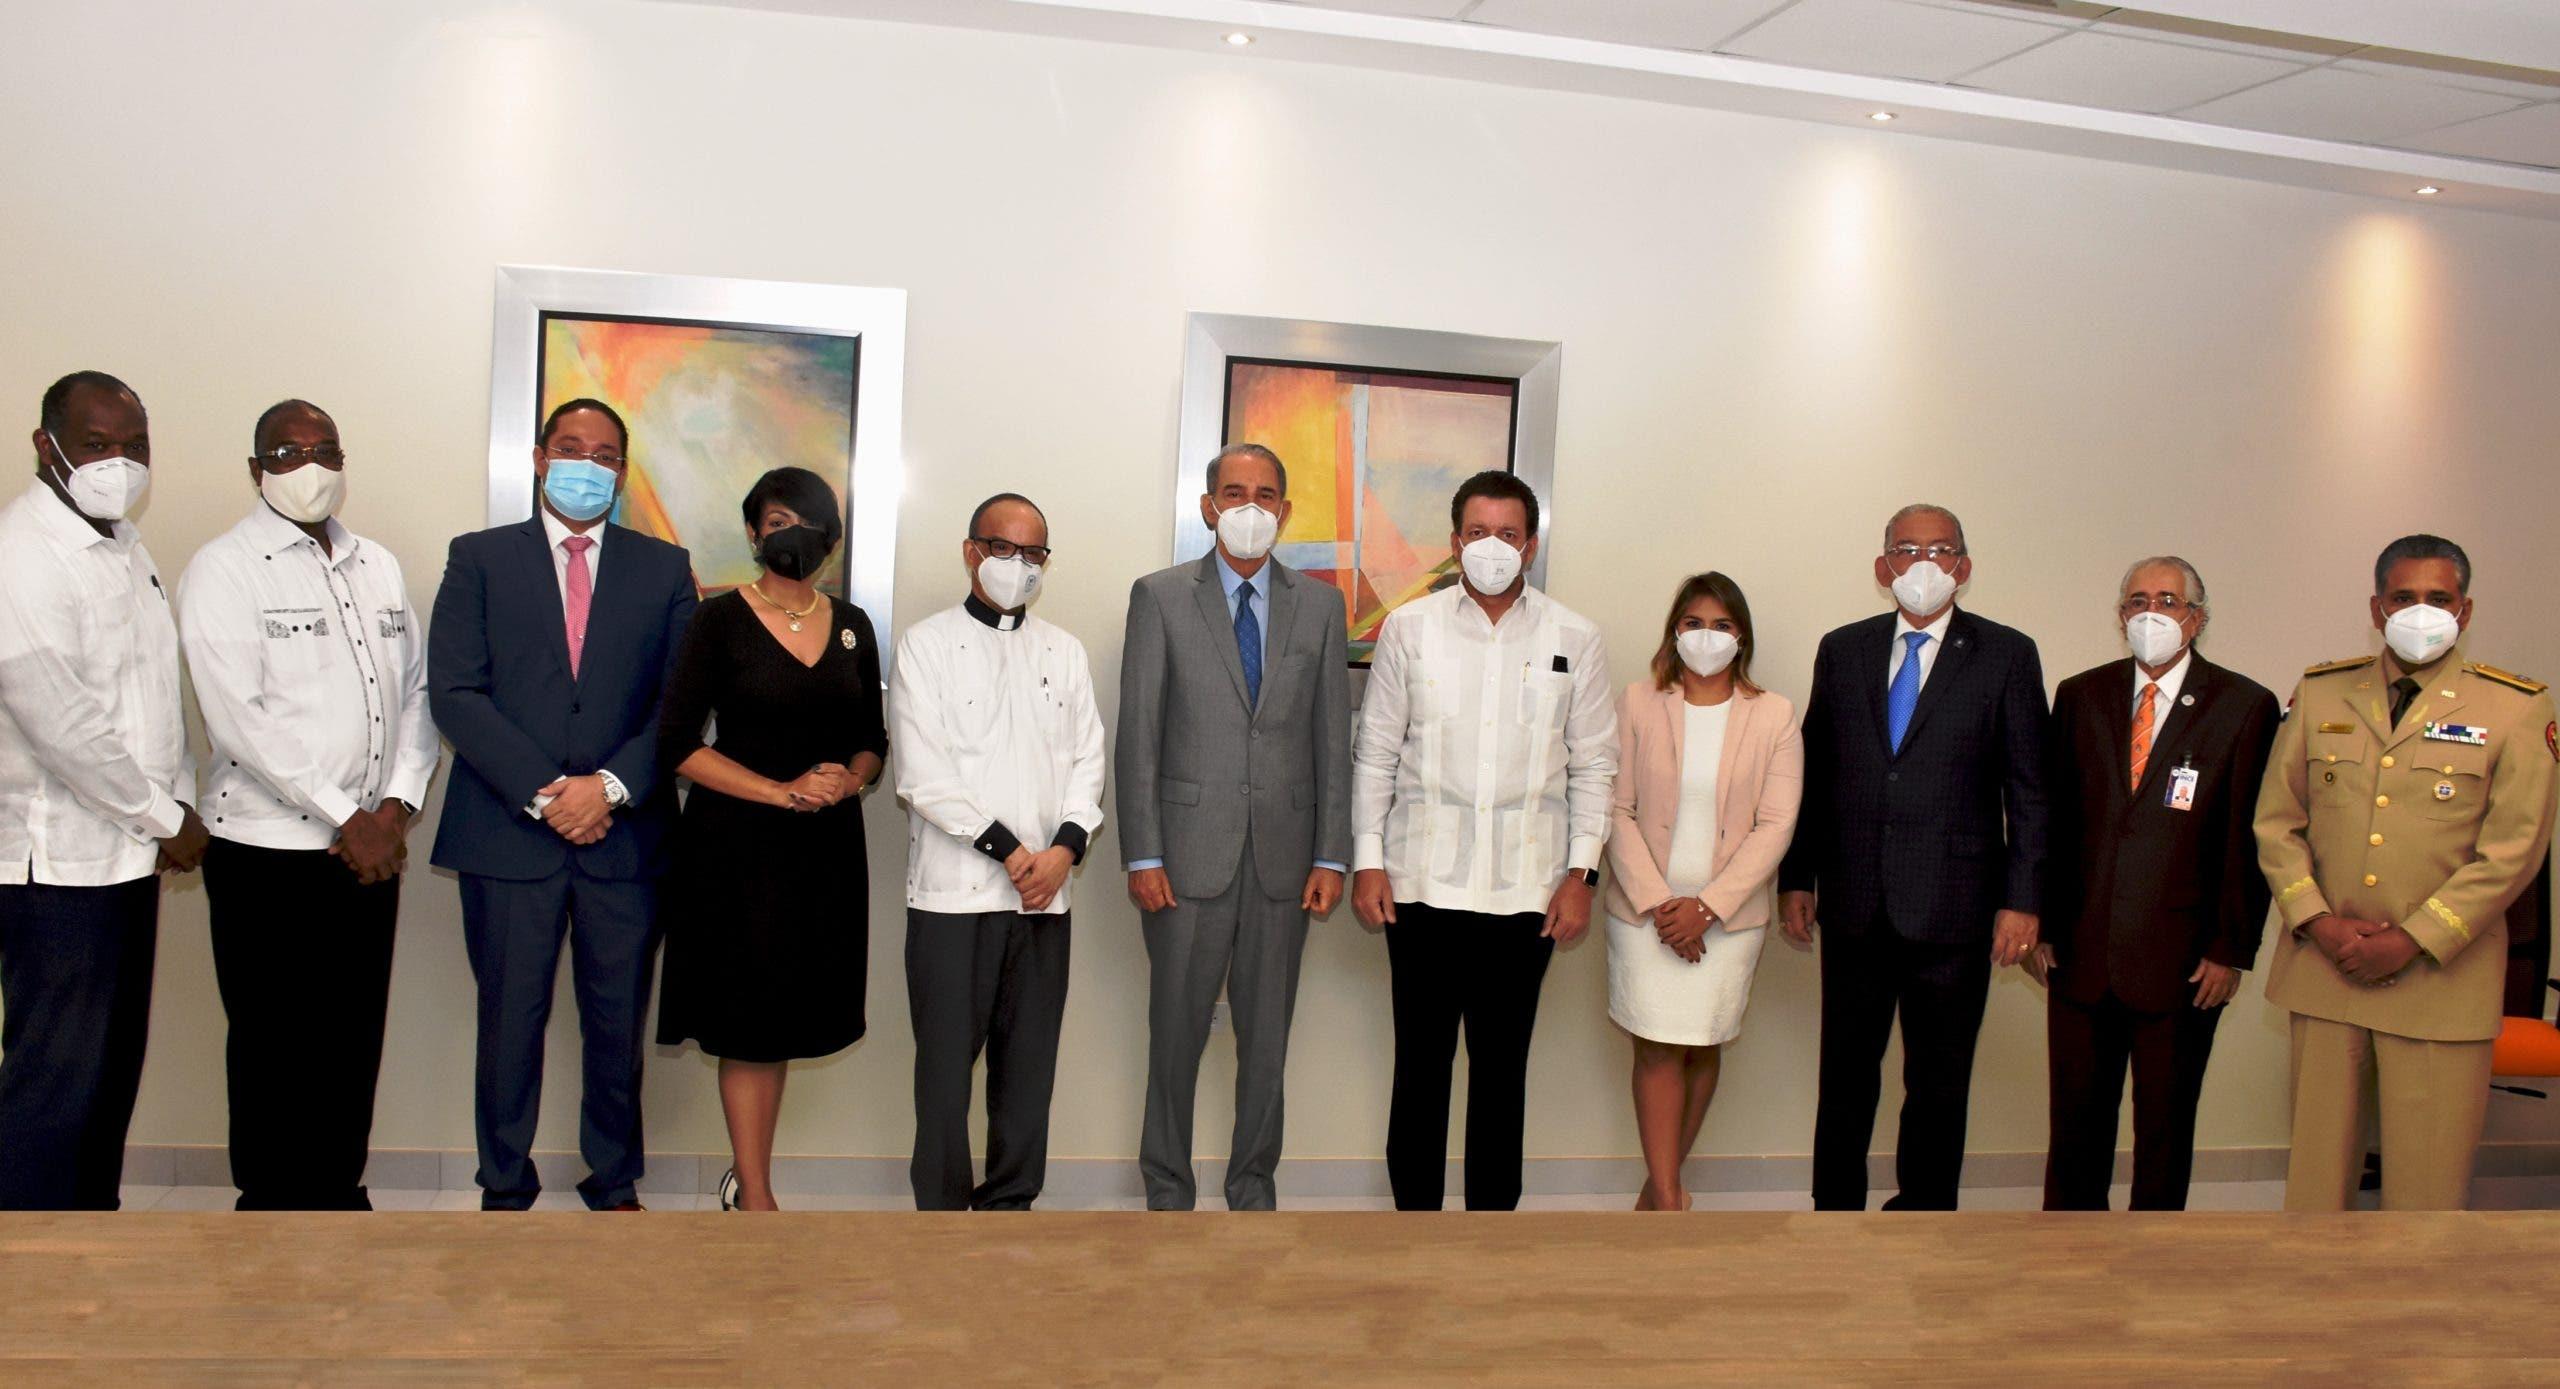 Discuten propuesta para afrontar situación generada por la pandemia